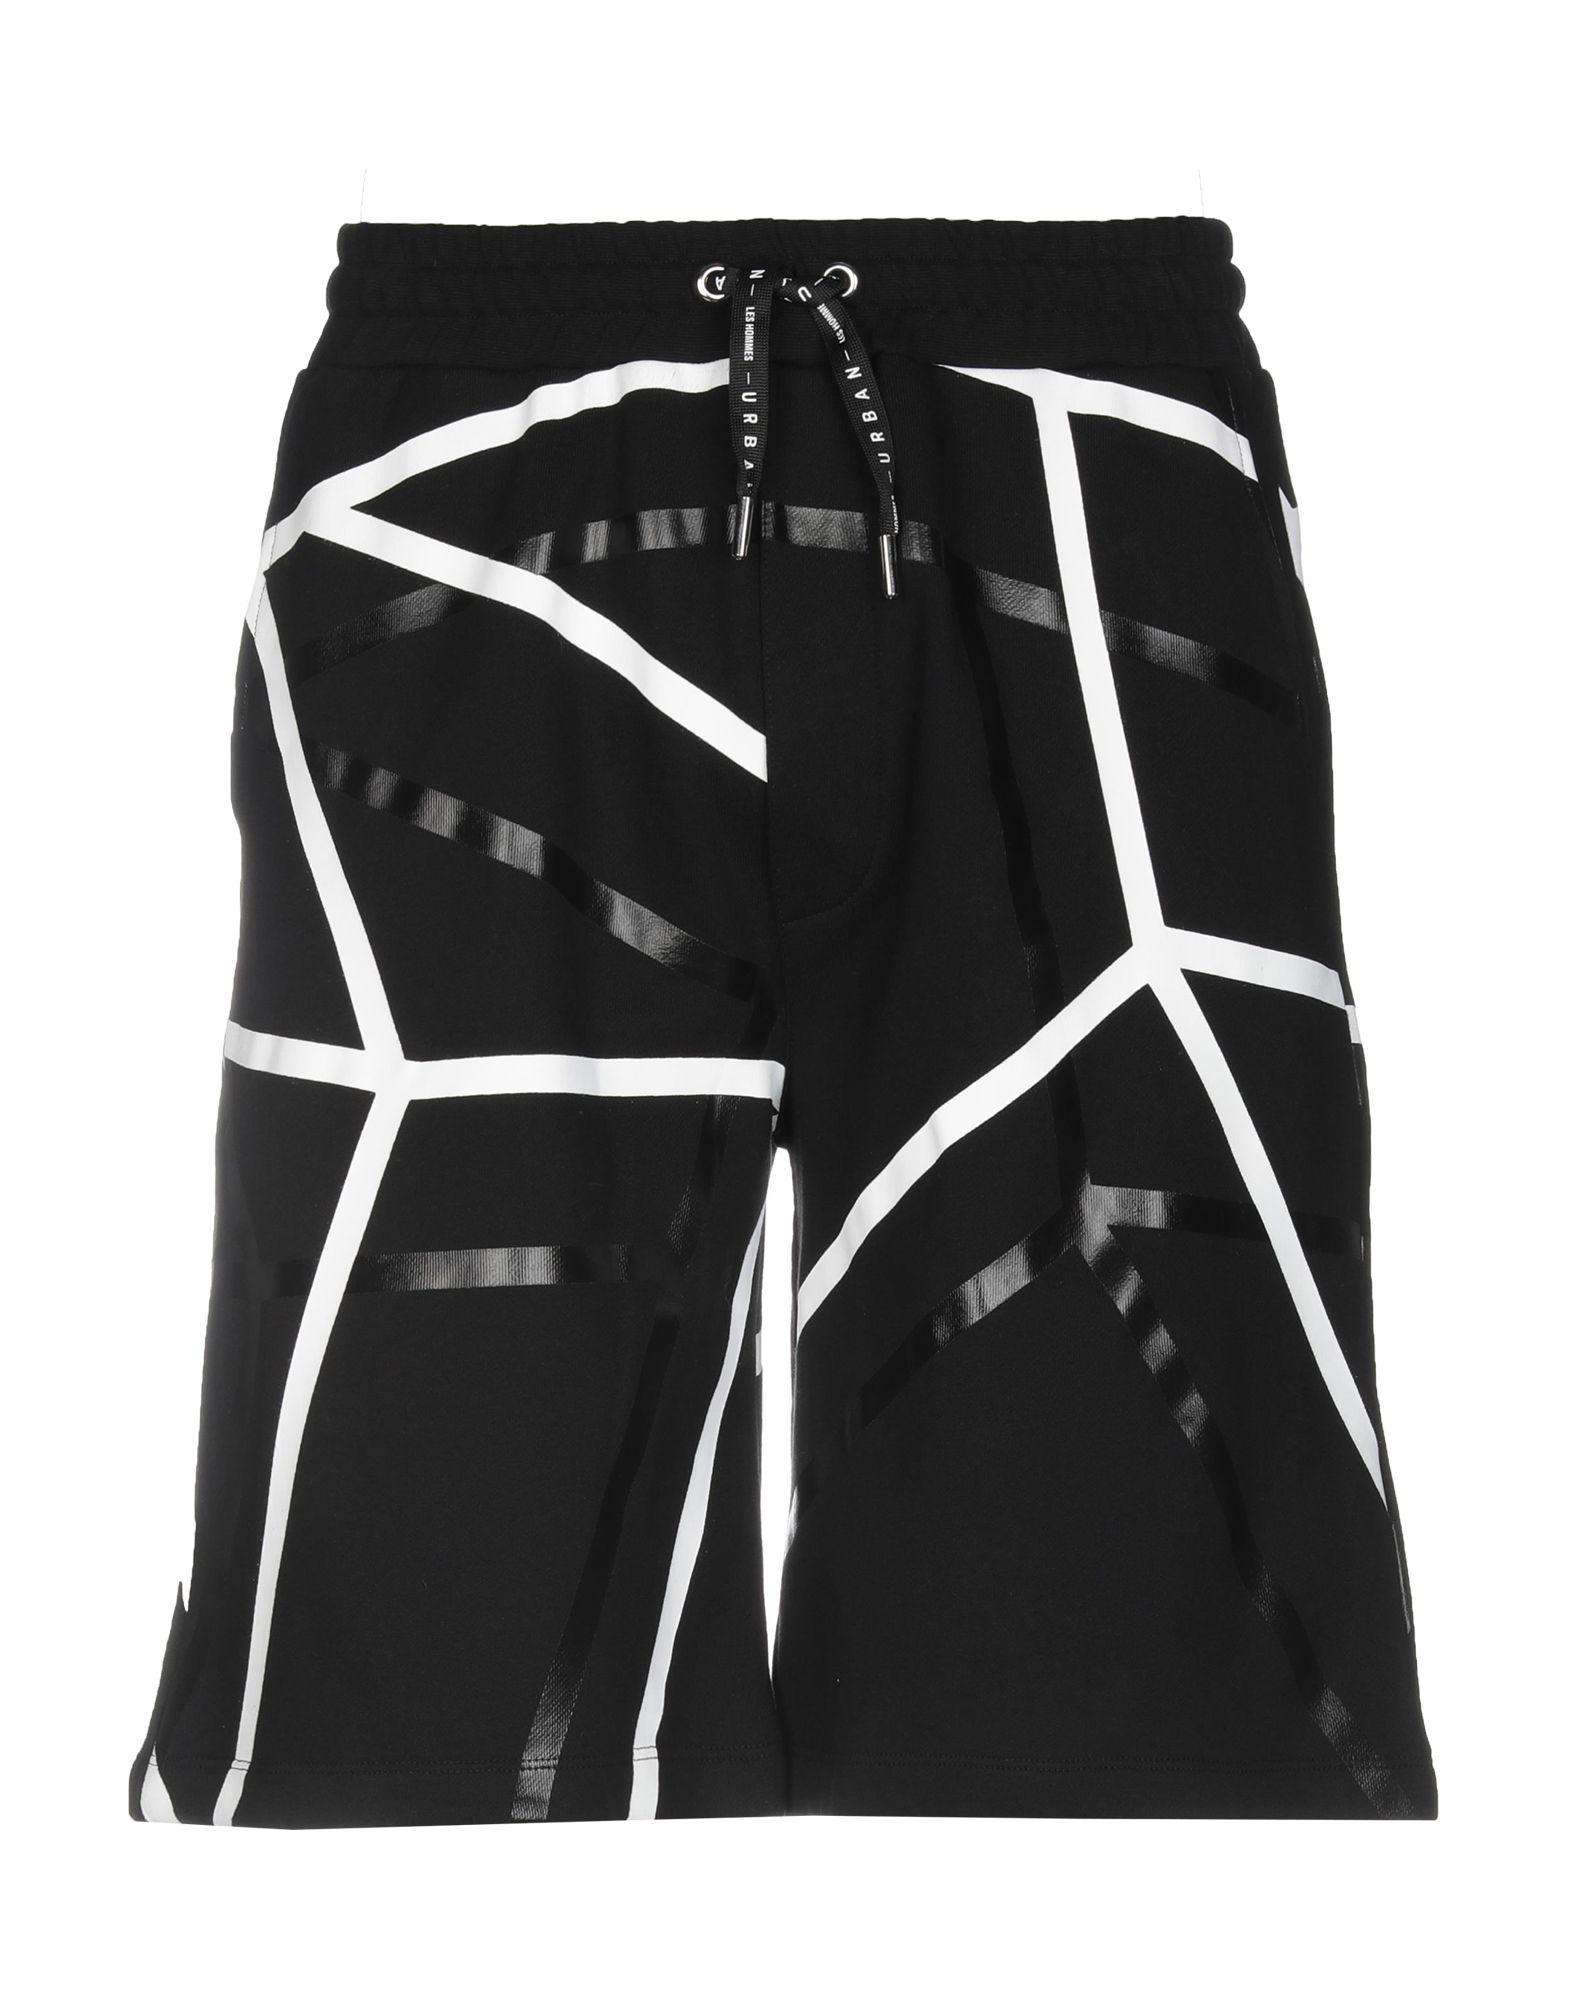 《送料無料》URBAN LES HOMMES メンズ バミューダパンツ ブラック L コットン 100% / ポリエステル